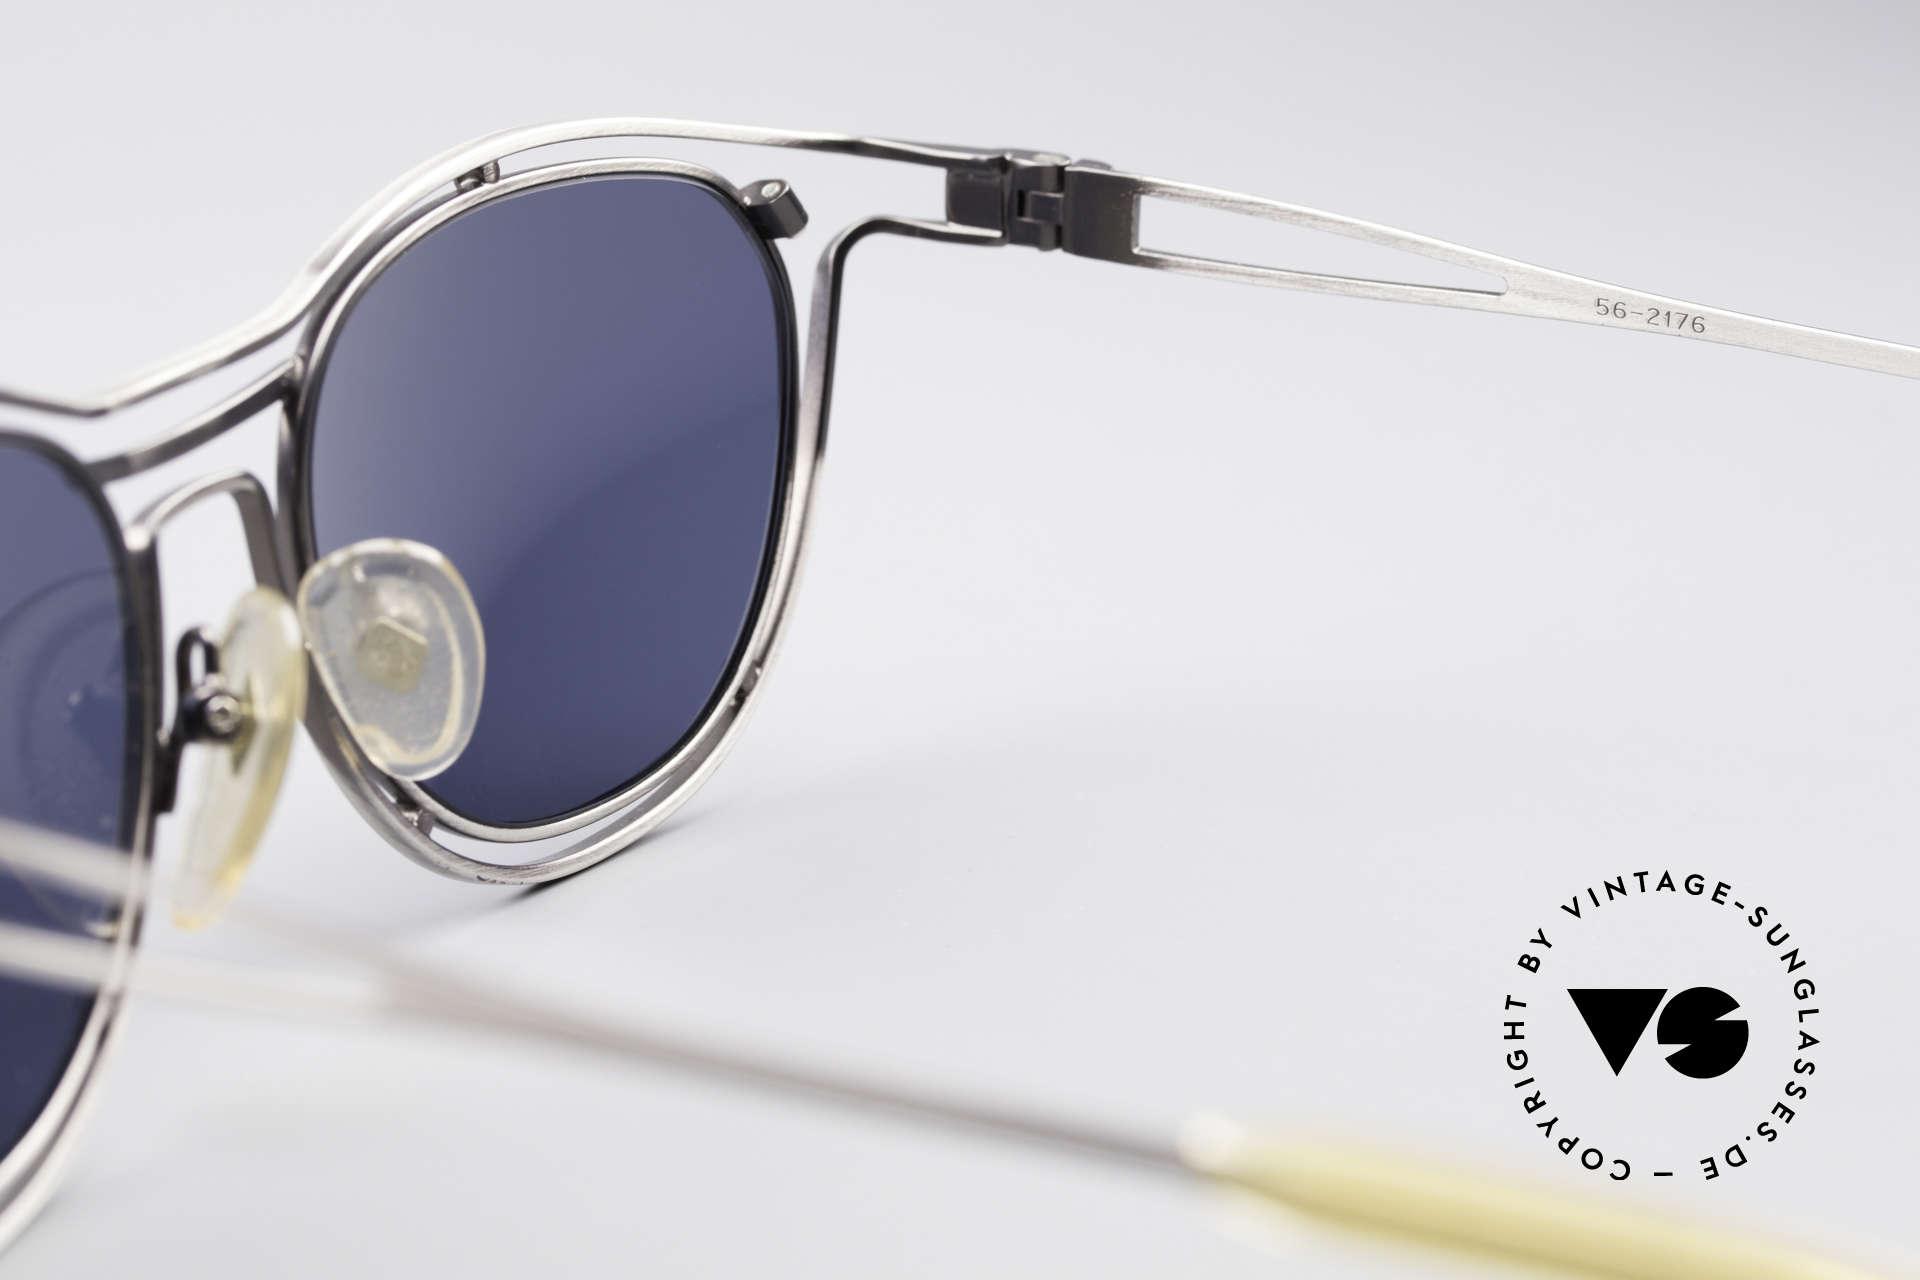 Jean Paul Gaultier 56-2176 Echte Designer Sonnenbrille, KEINE RETRObrille; sondern ein Original von 1994, Passend für Herren und Damen